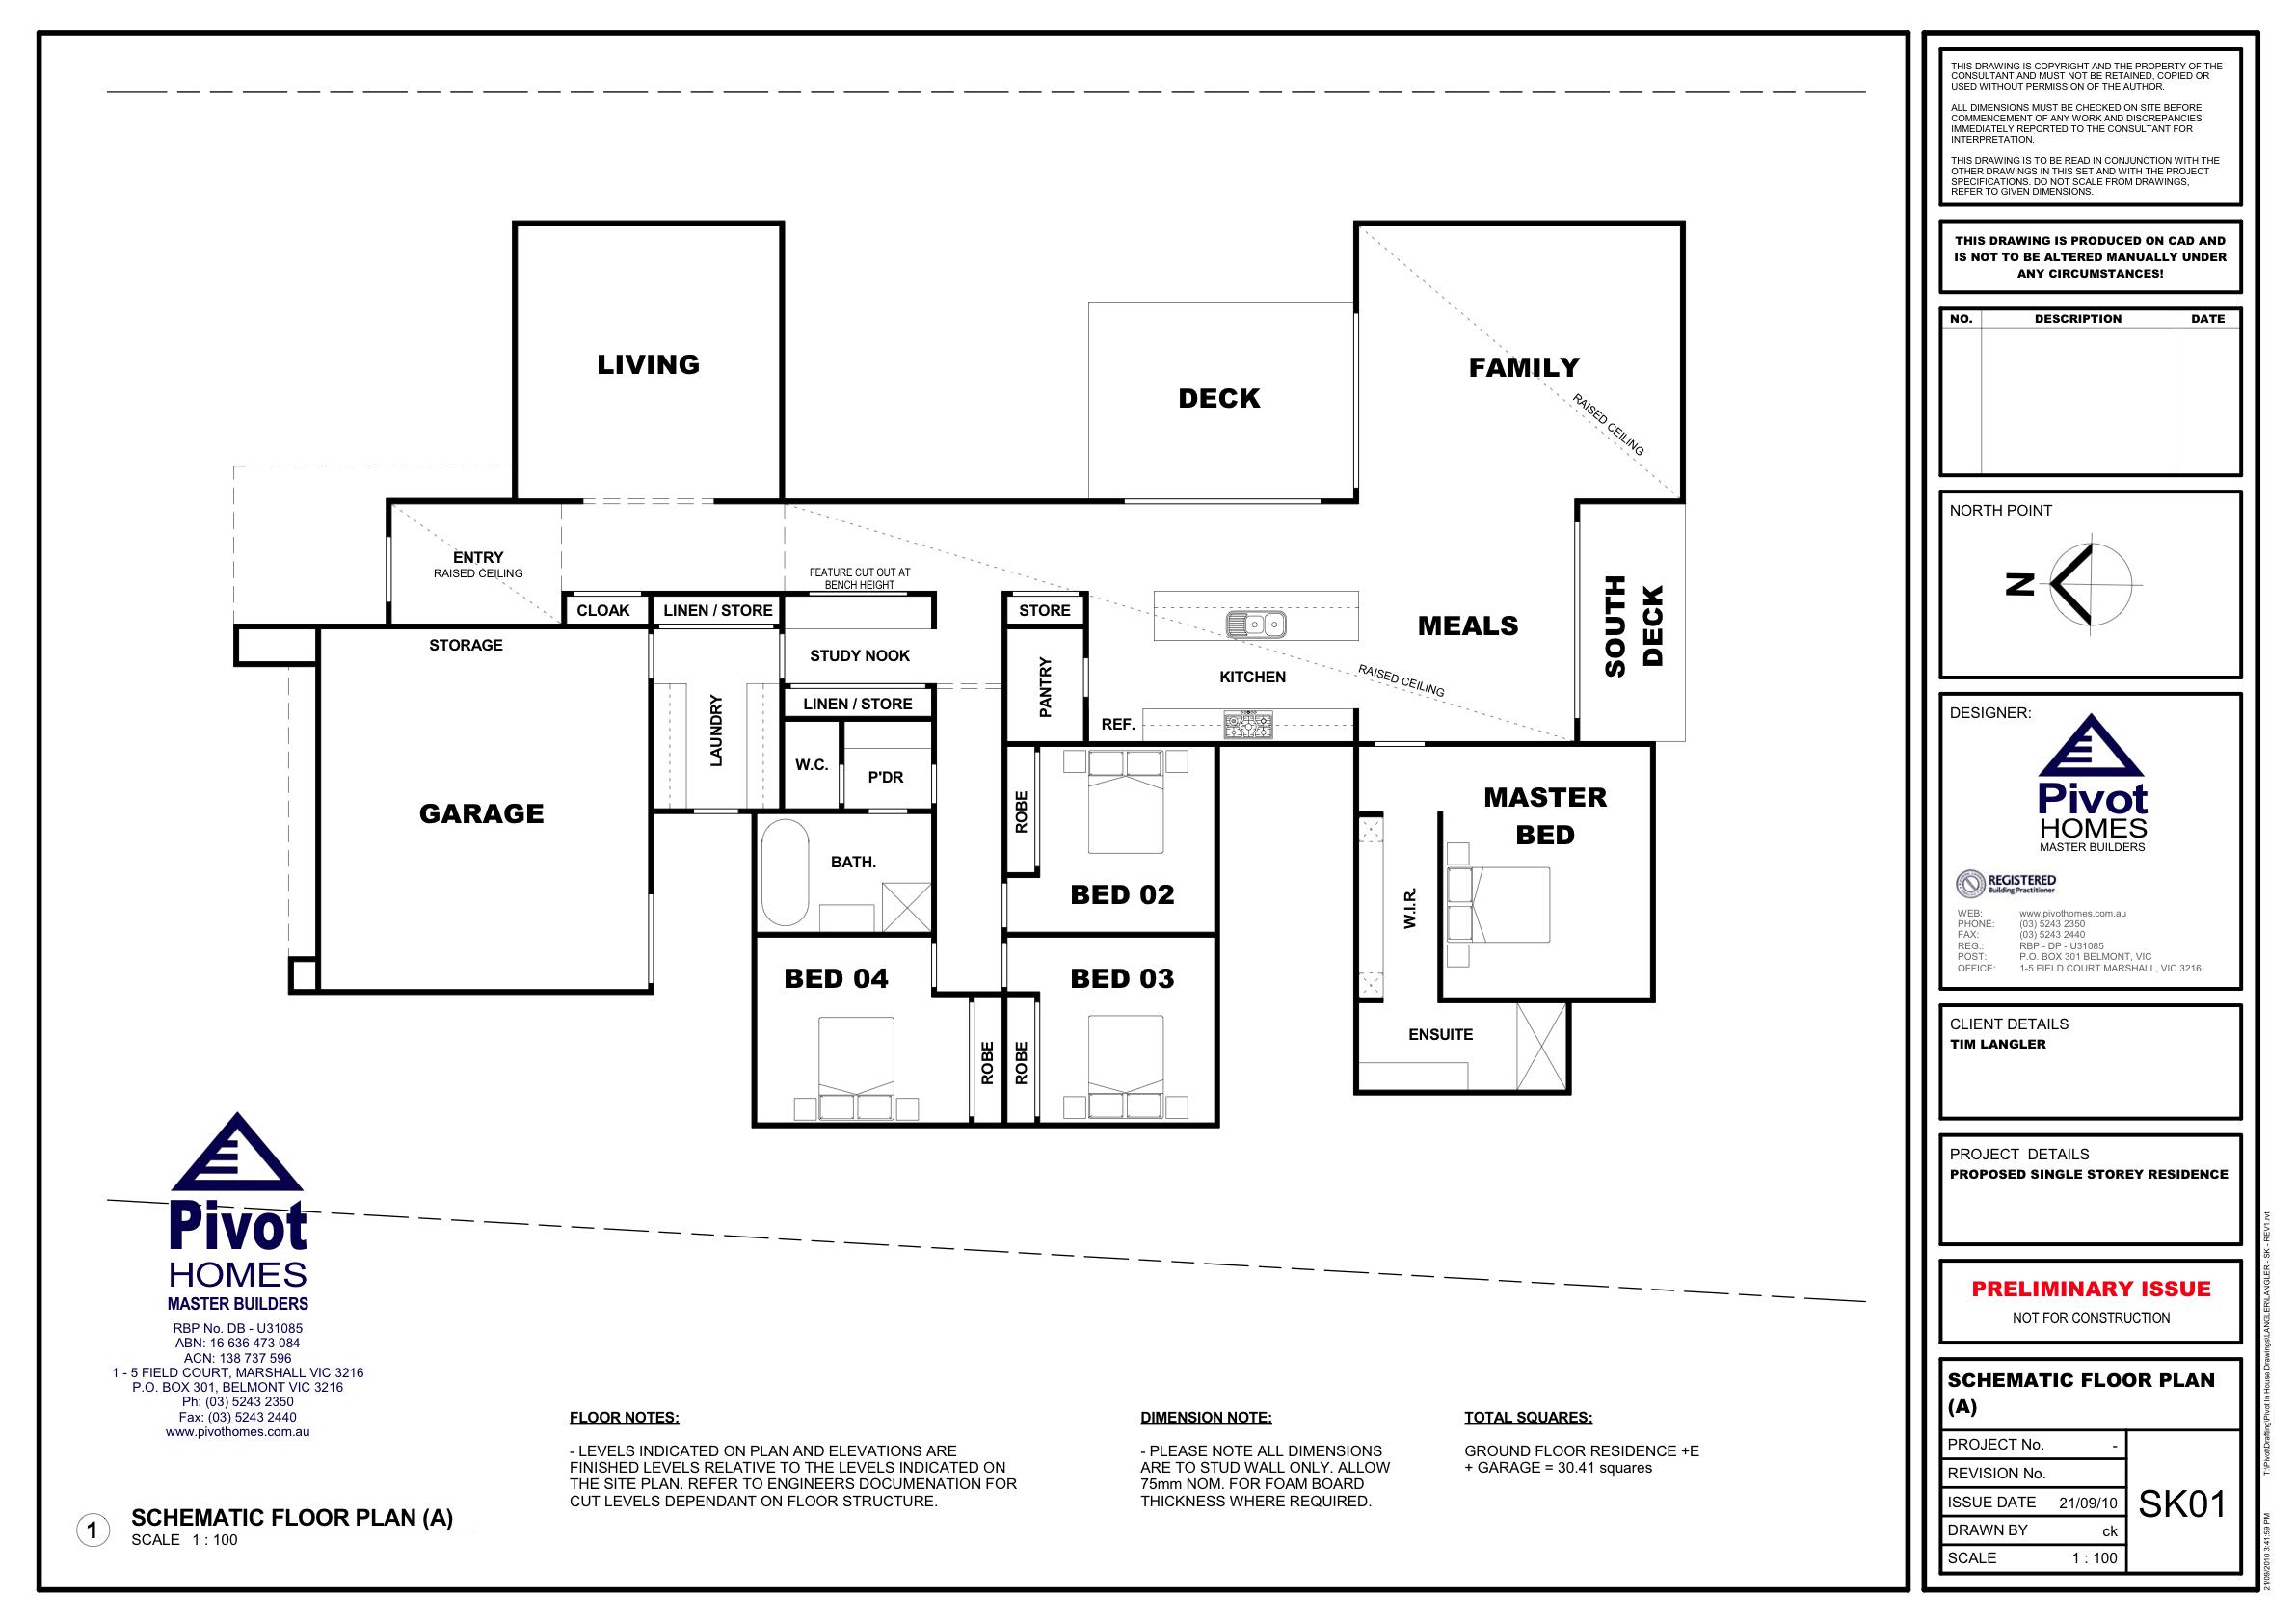 Setout plan lot 271 for Pivot home designs